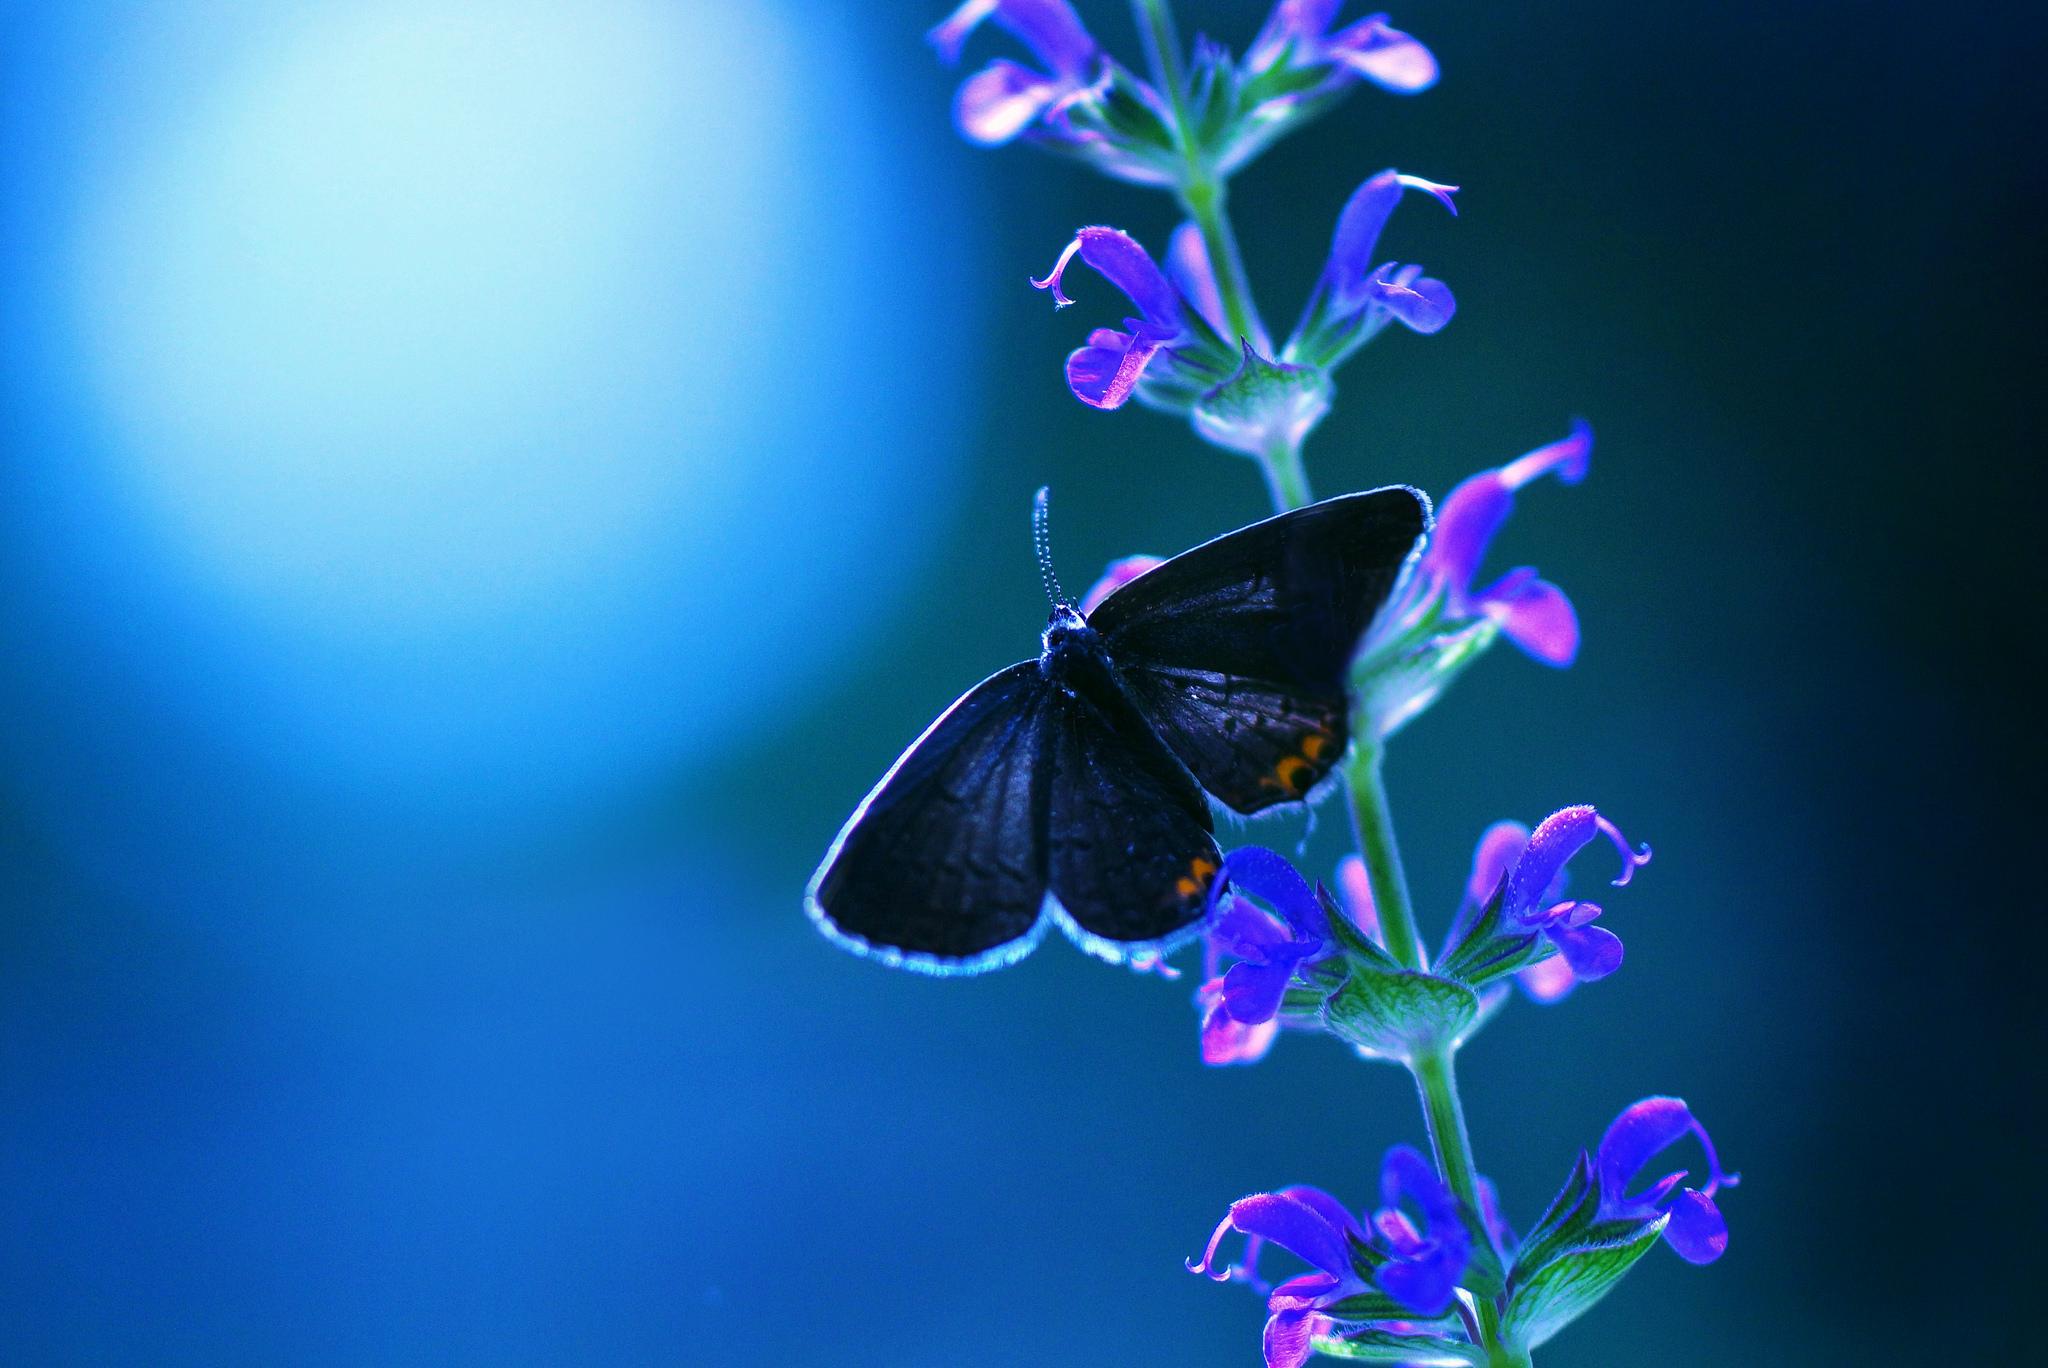 2048x1152 Butterfly Flower 2048x1152 Resolution Hd 4k Wallpapers